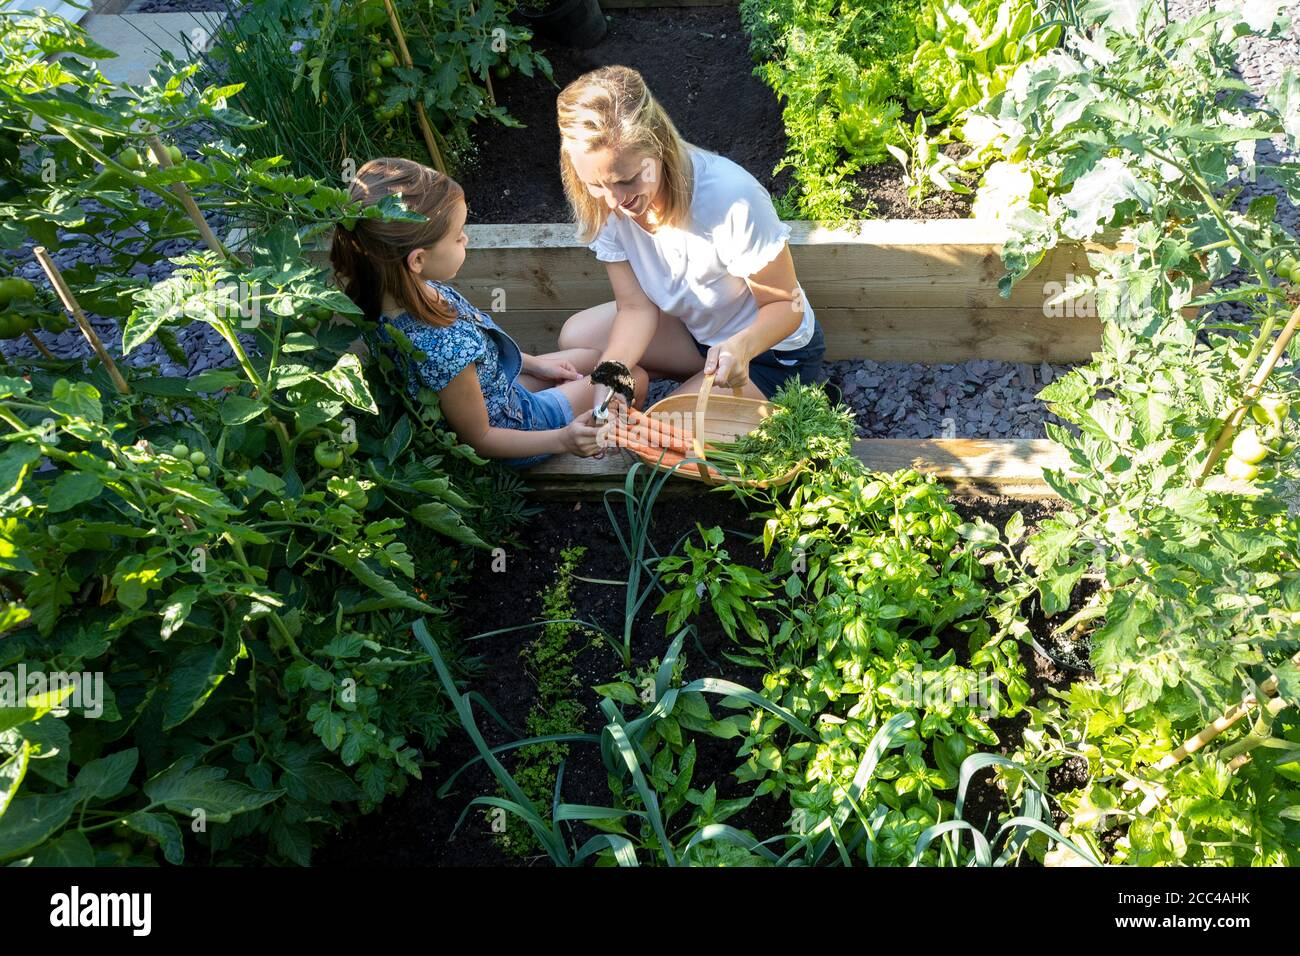 La madre y la hija excavando en las camas de verduras criadas en el hogar Foto de stock